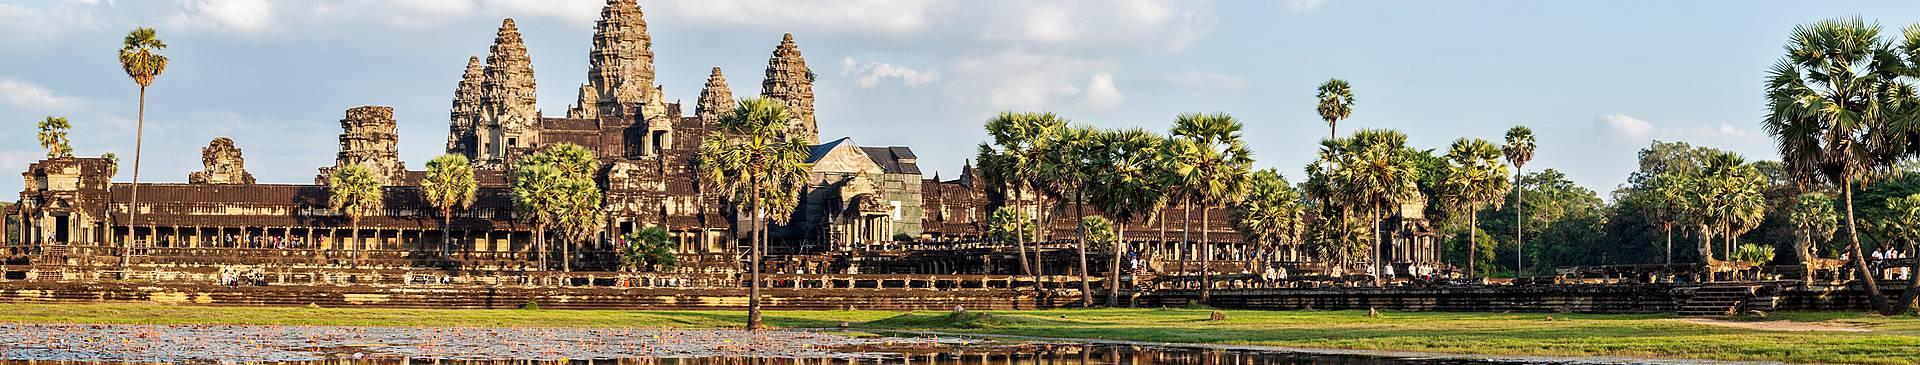 Cambodia in September